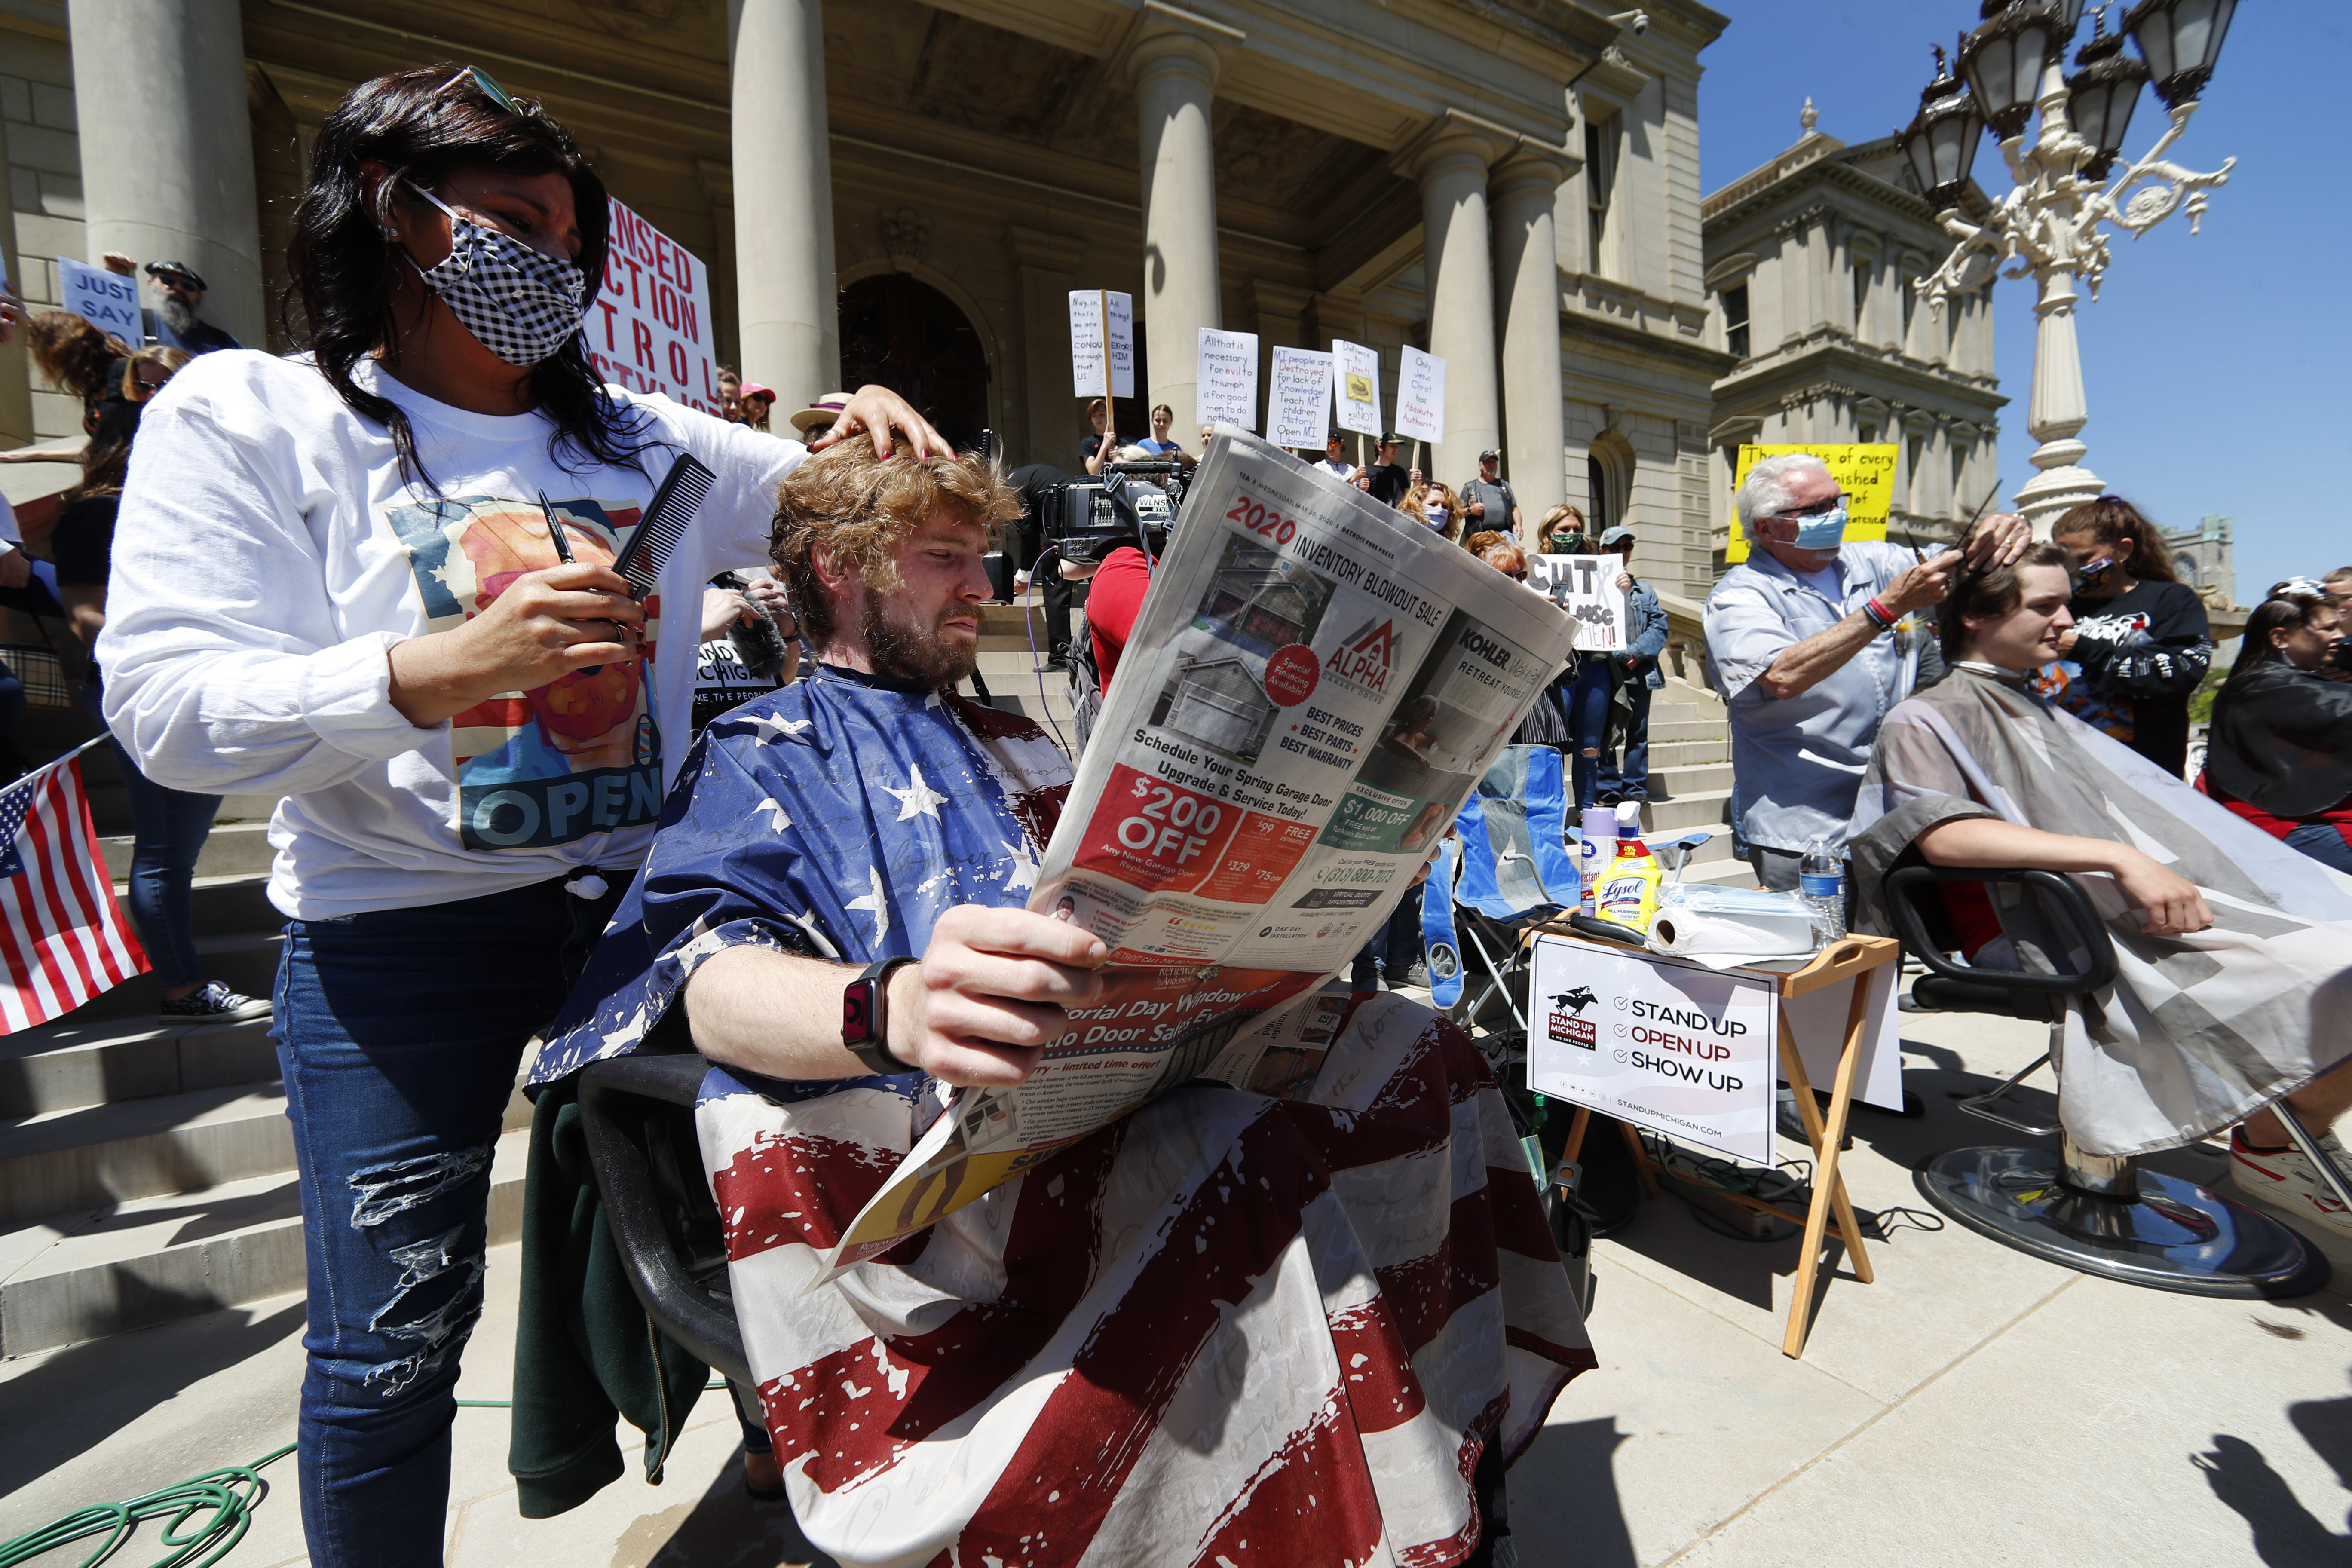 ▲▼美國理髮師於州議會前發起抗議活動。(圖/達志影像/美聯社)